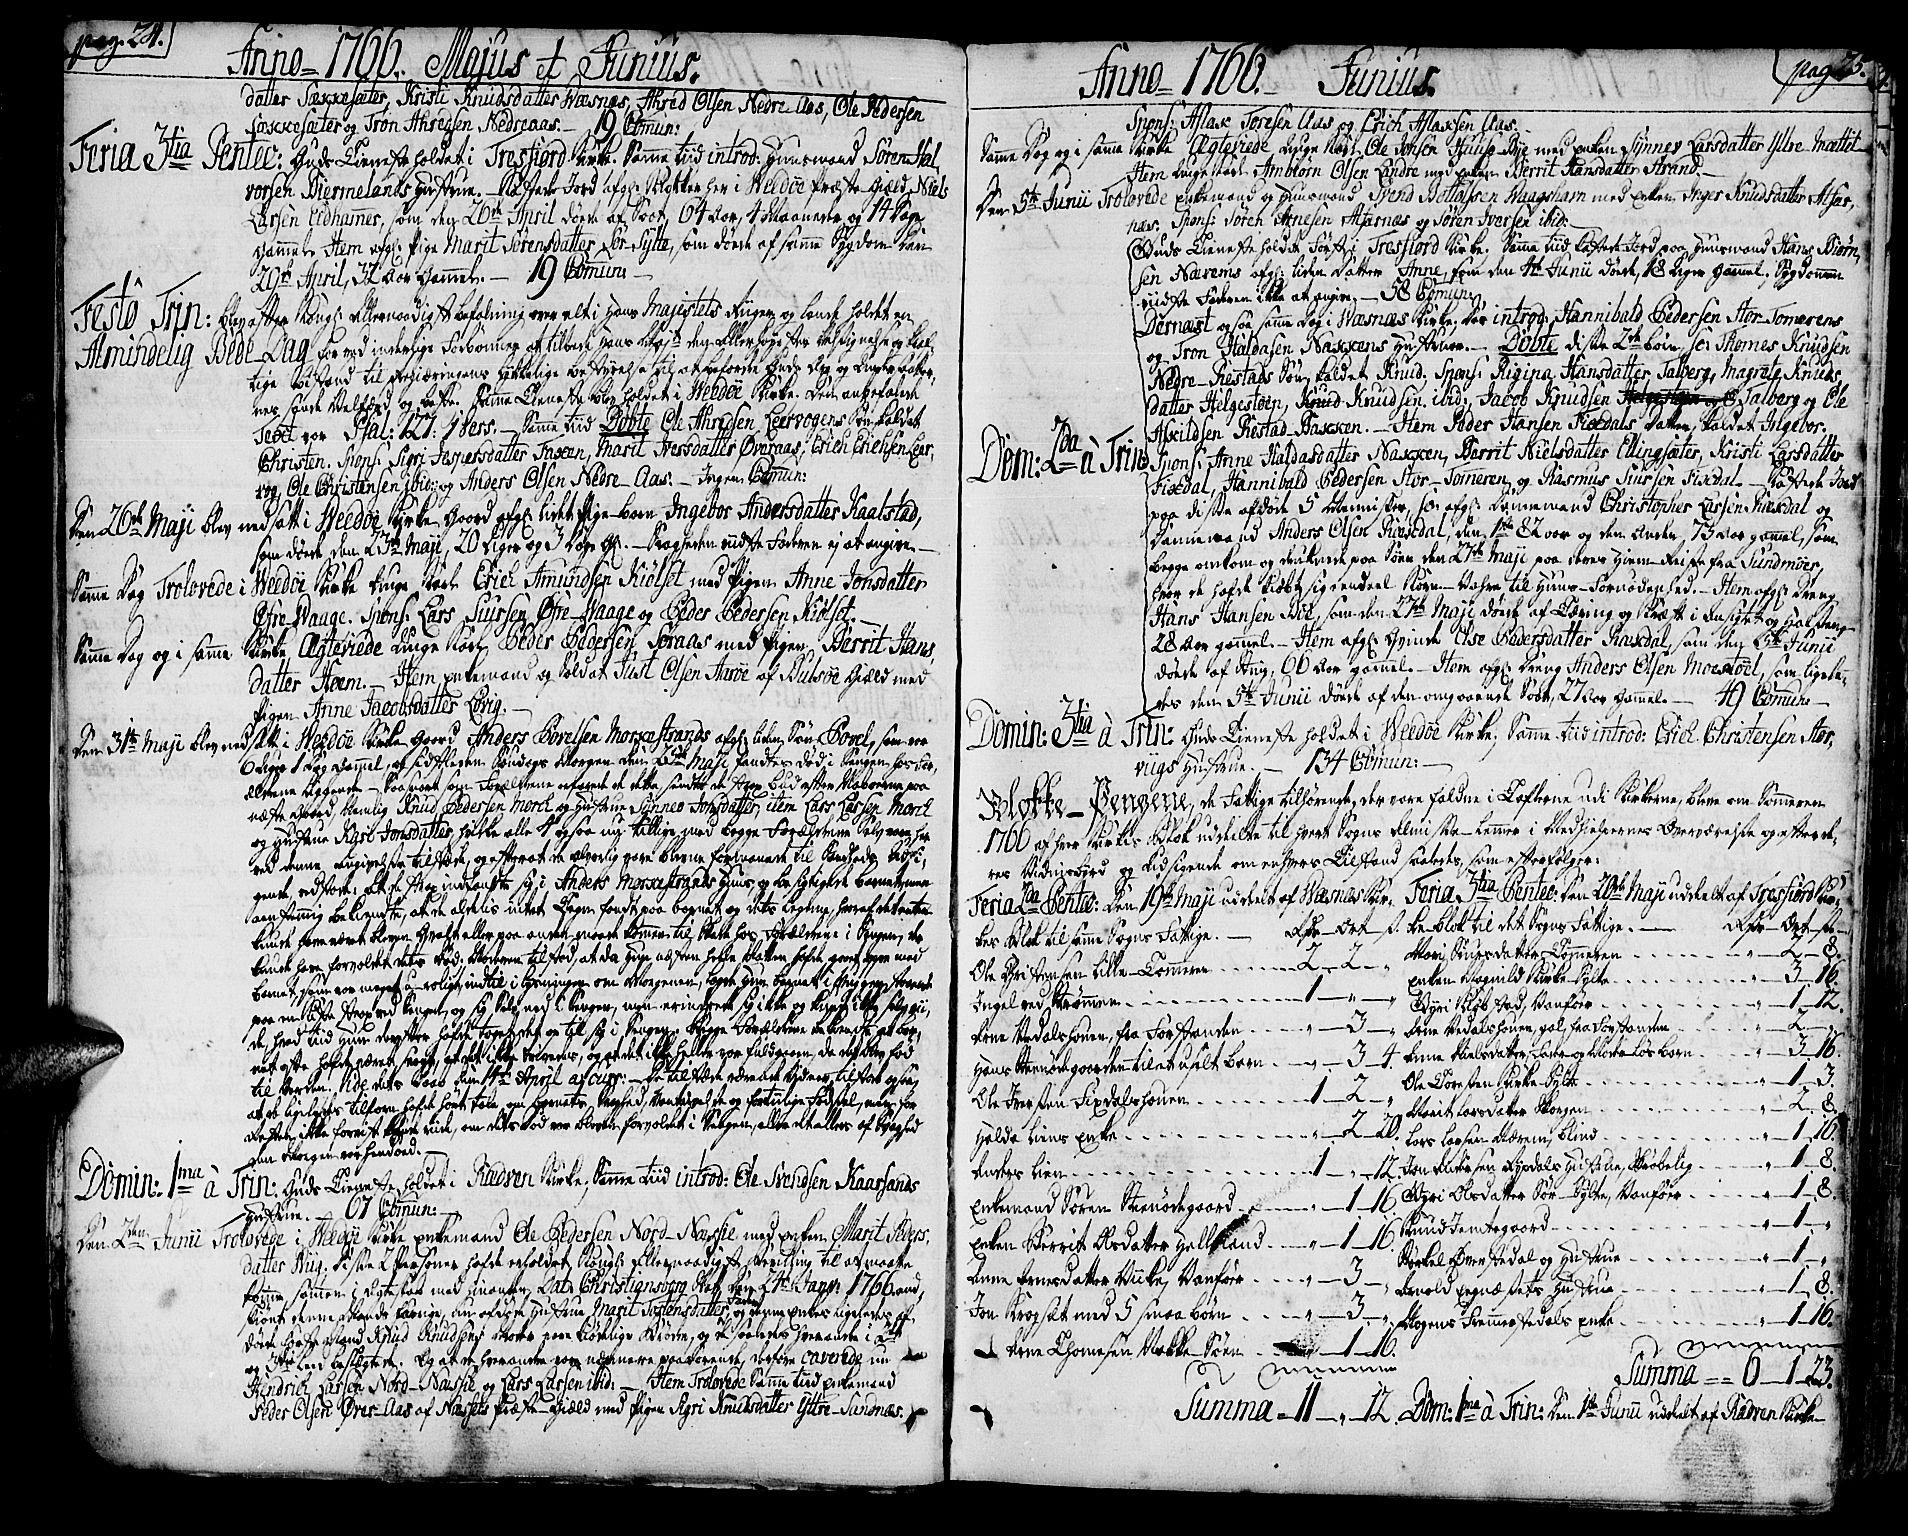 SAT, Ministerialprotokoller, klokkerbøker og fødselsregistre - Møre og Romsdal, 547/L0600: Ministerialbok nr. 547A02, 1765-1799, s. 24-25